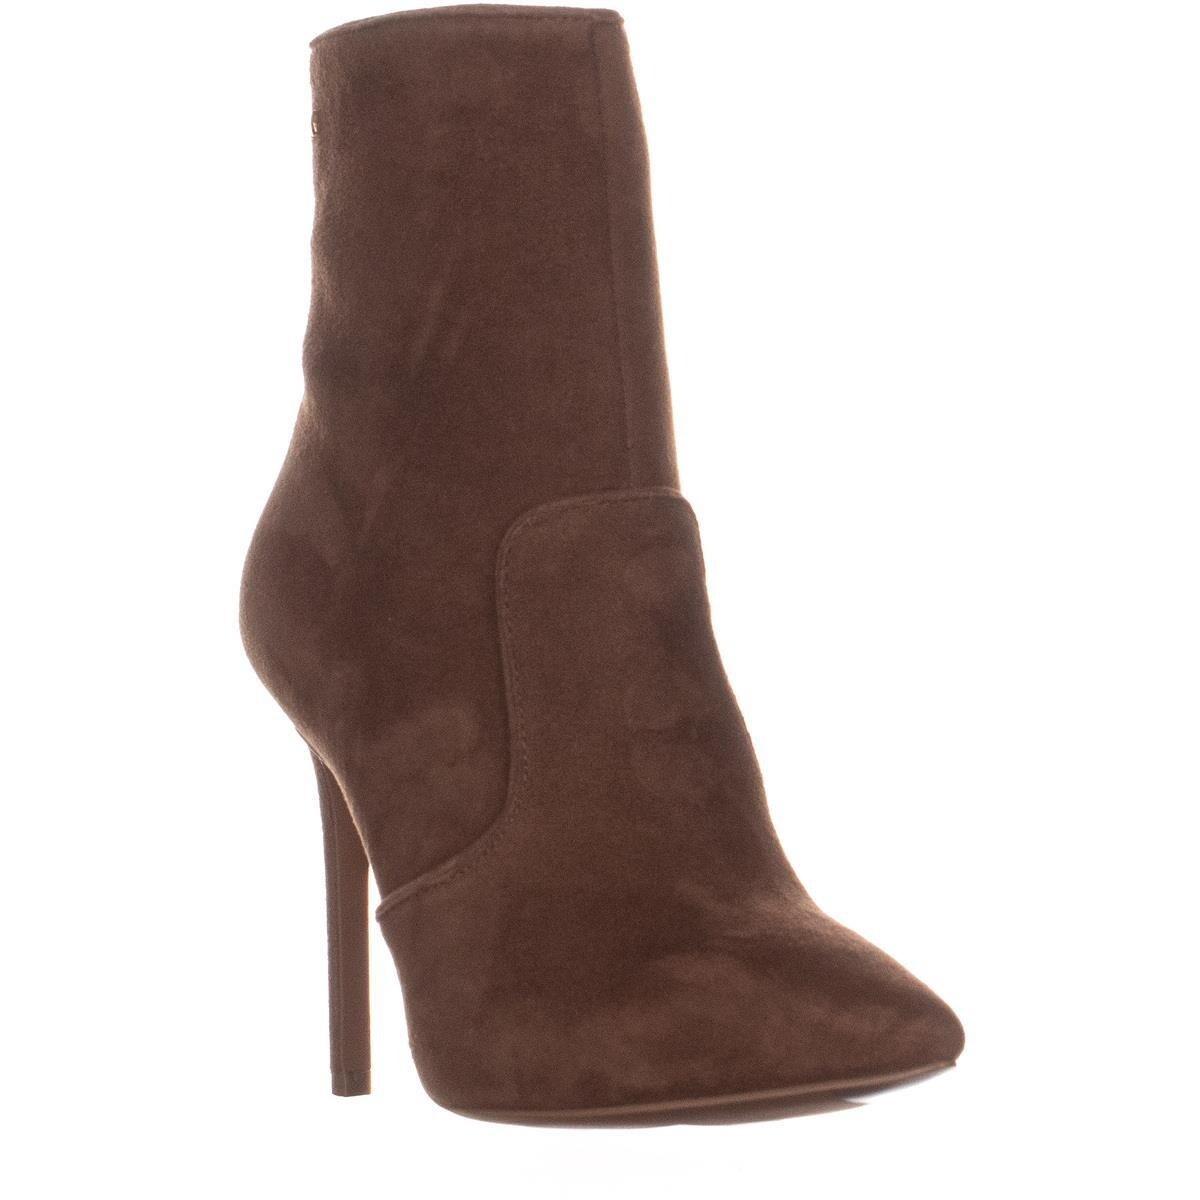 7487bd9985b9 Shop MICHAEL Michael Kors Blaine Ankle Bootie Heeled Boots